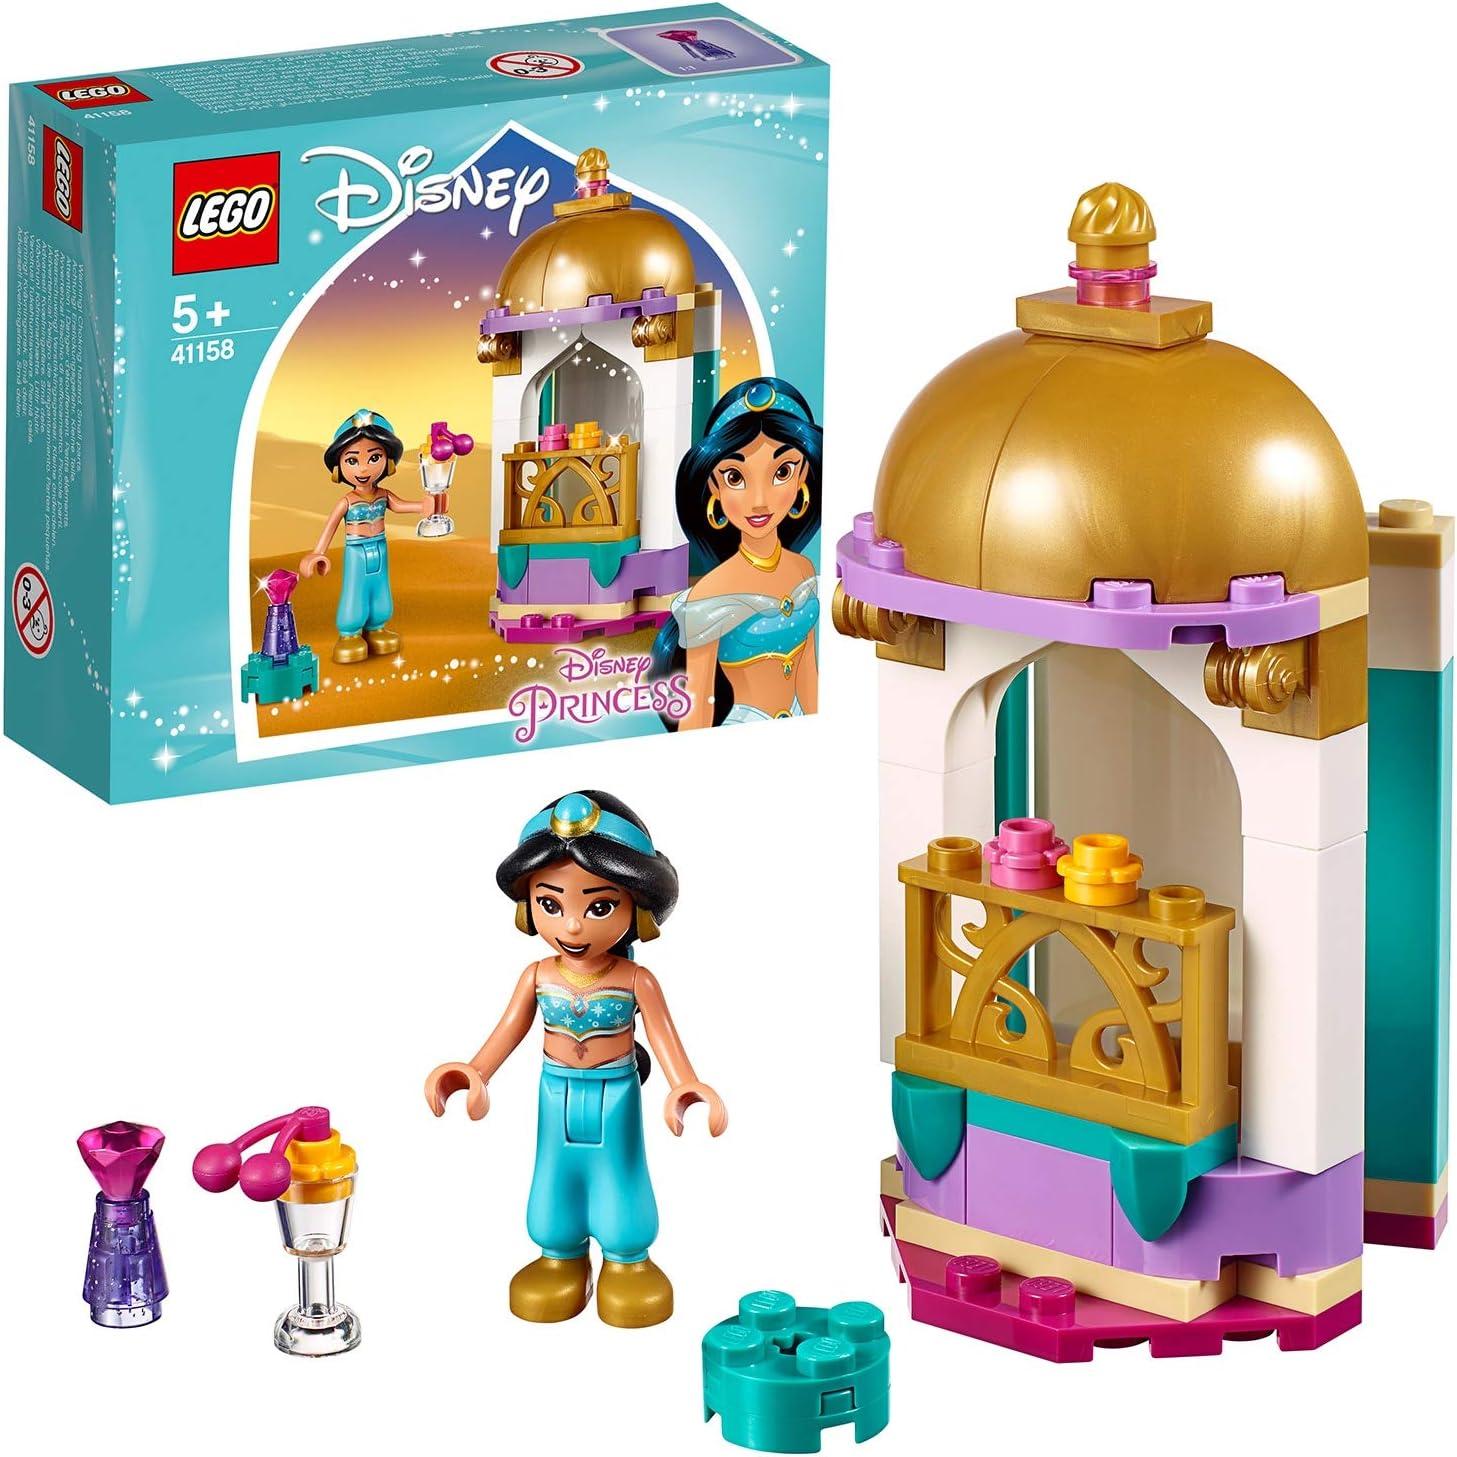 LEGO Disney Princess - Pequeña Torre de Jasmine, juguete inspirado en Aladdín para construir (41158)